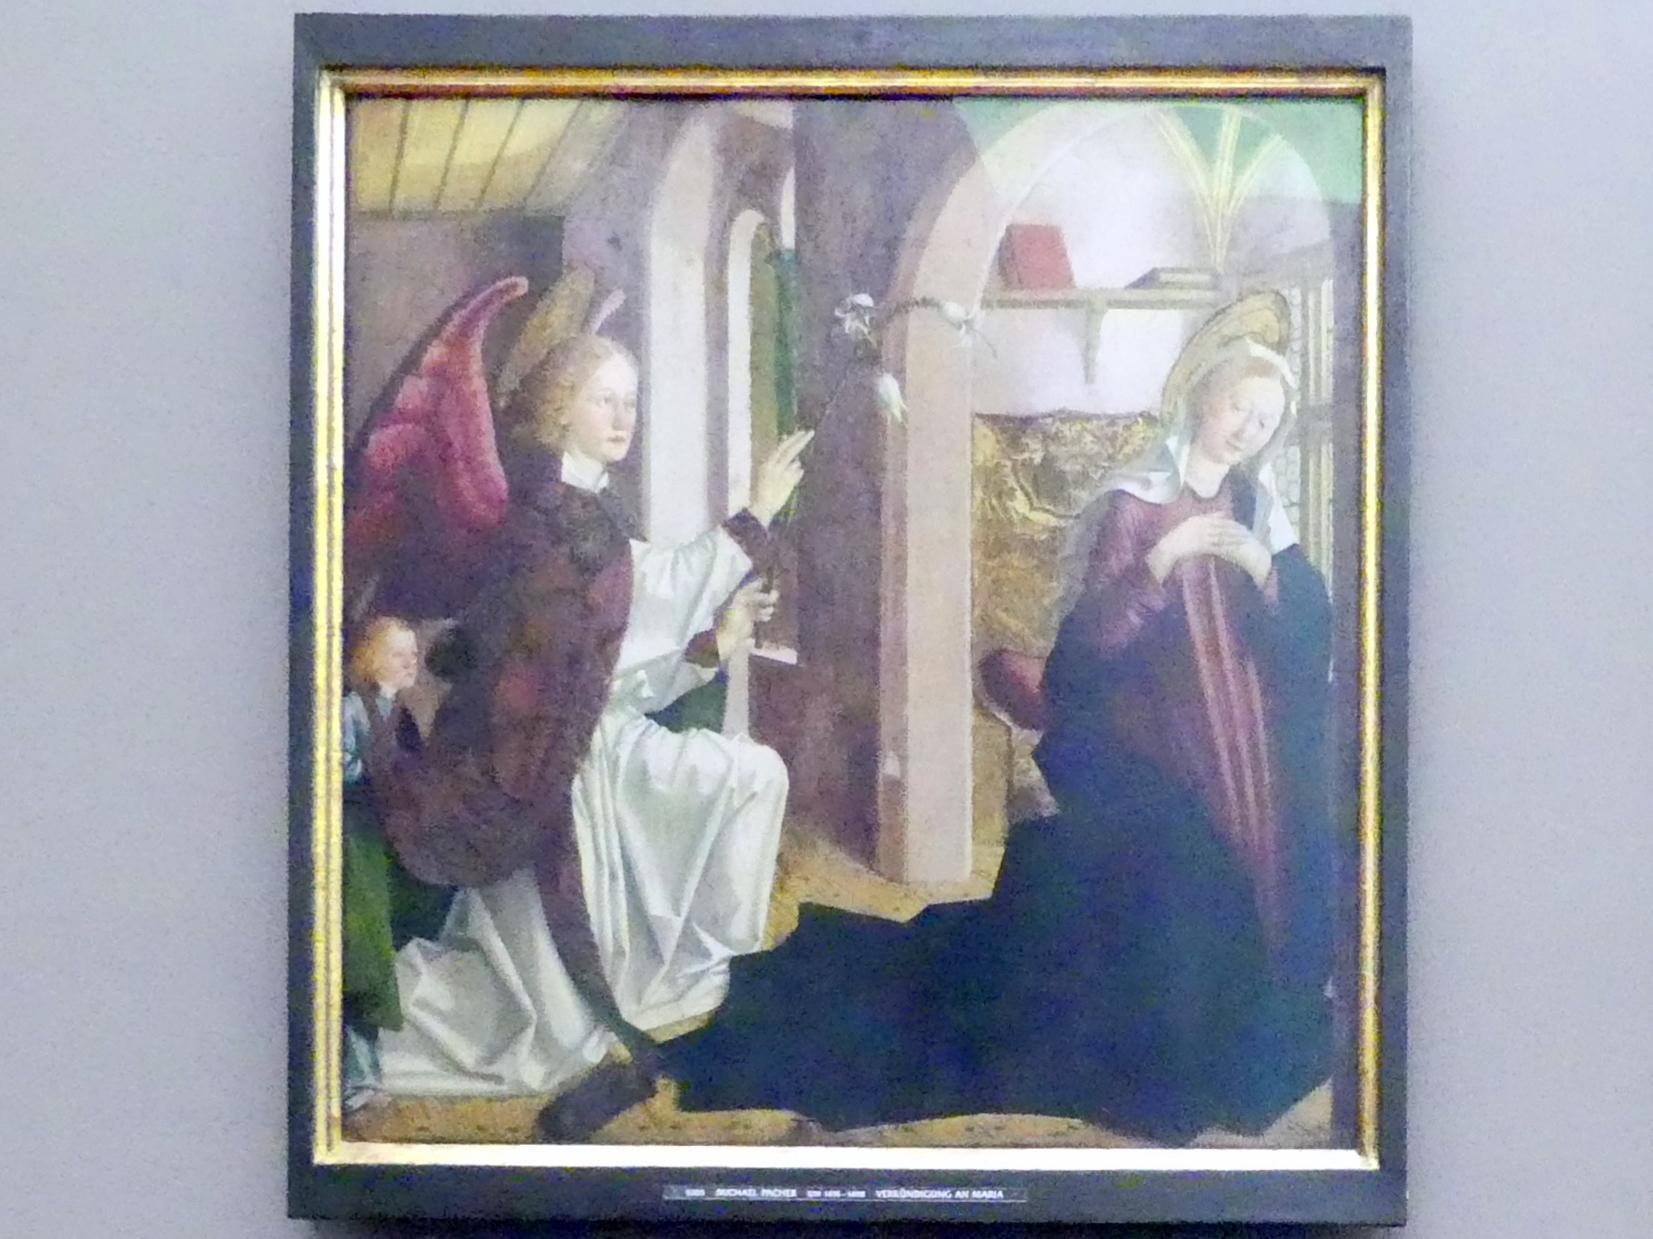 Michael Pacher: Innenseite des Schreinflügels des Hochaltars 'Verkündigung an Maria', 1465